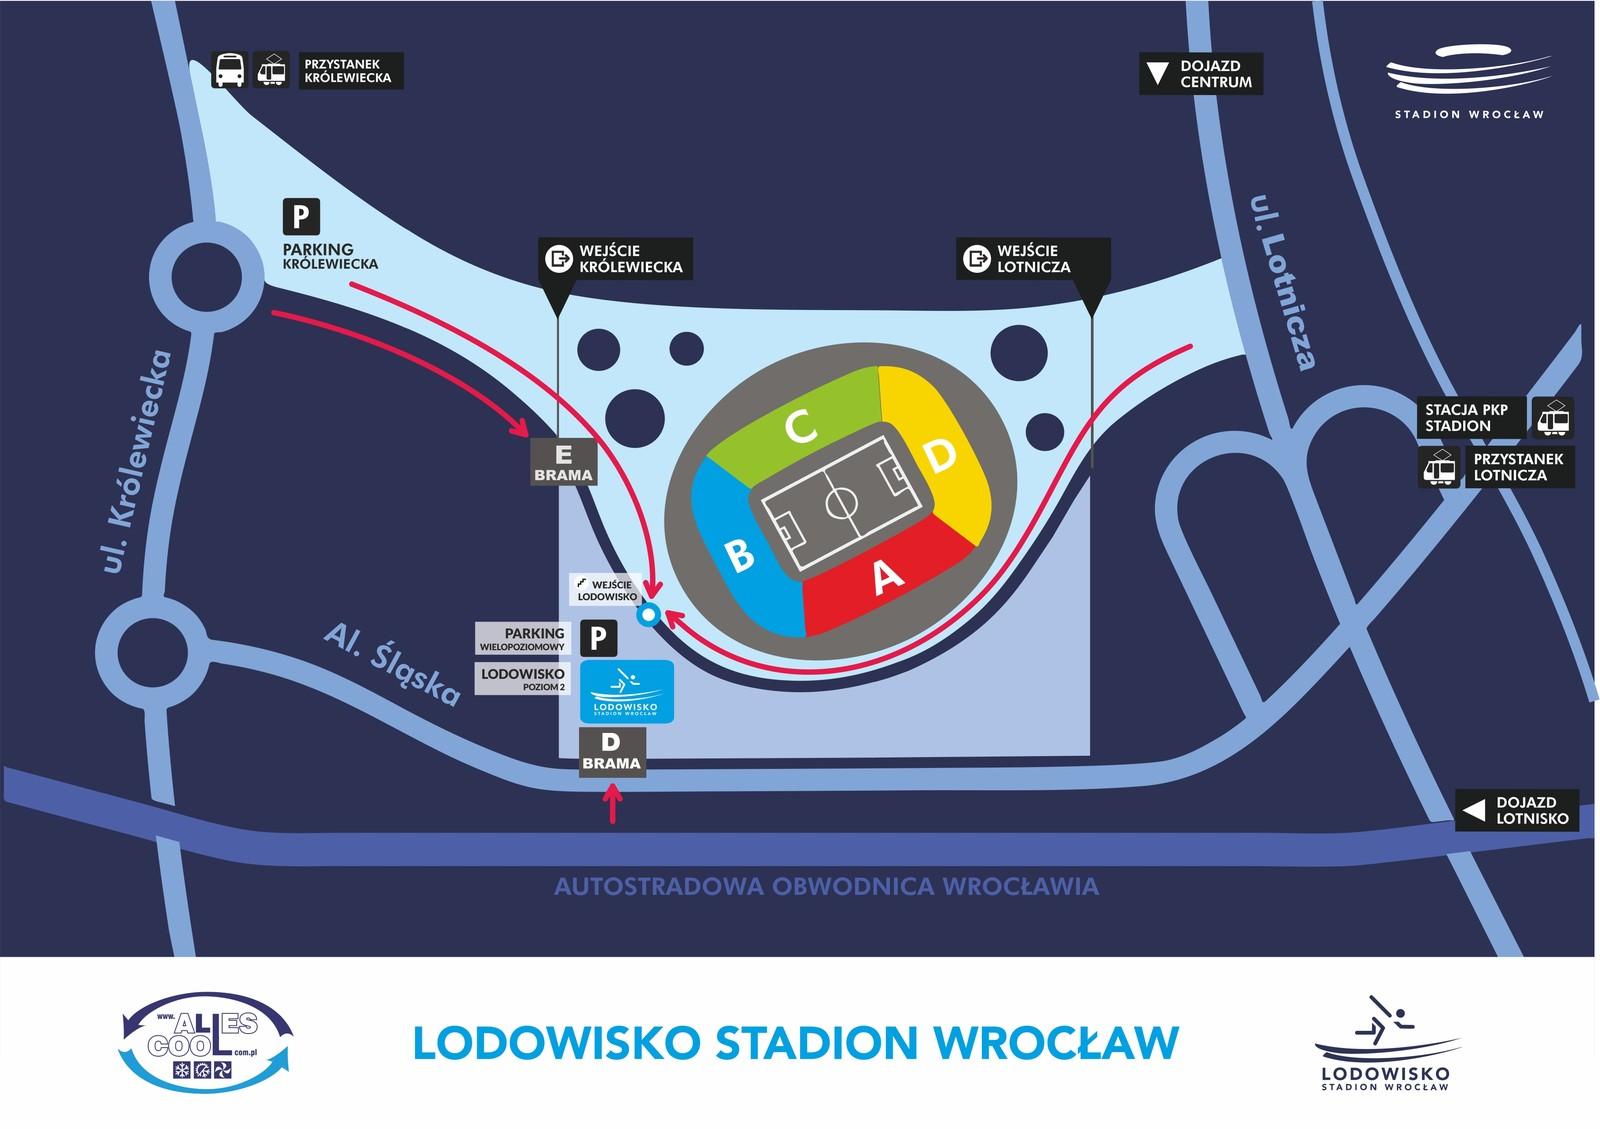 lodowisko - Stadion Wrocław